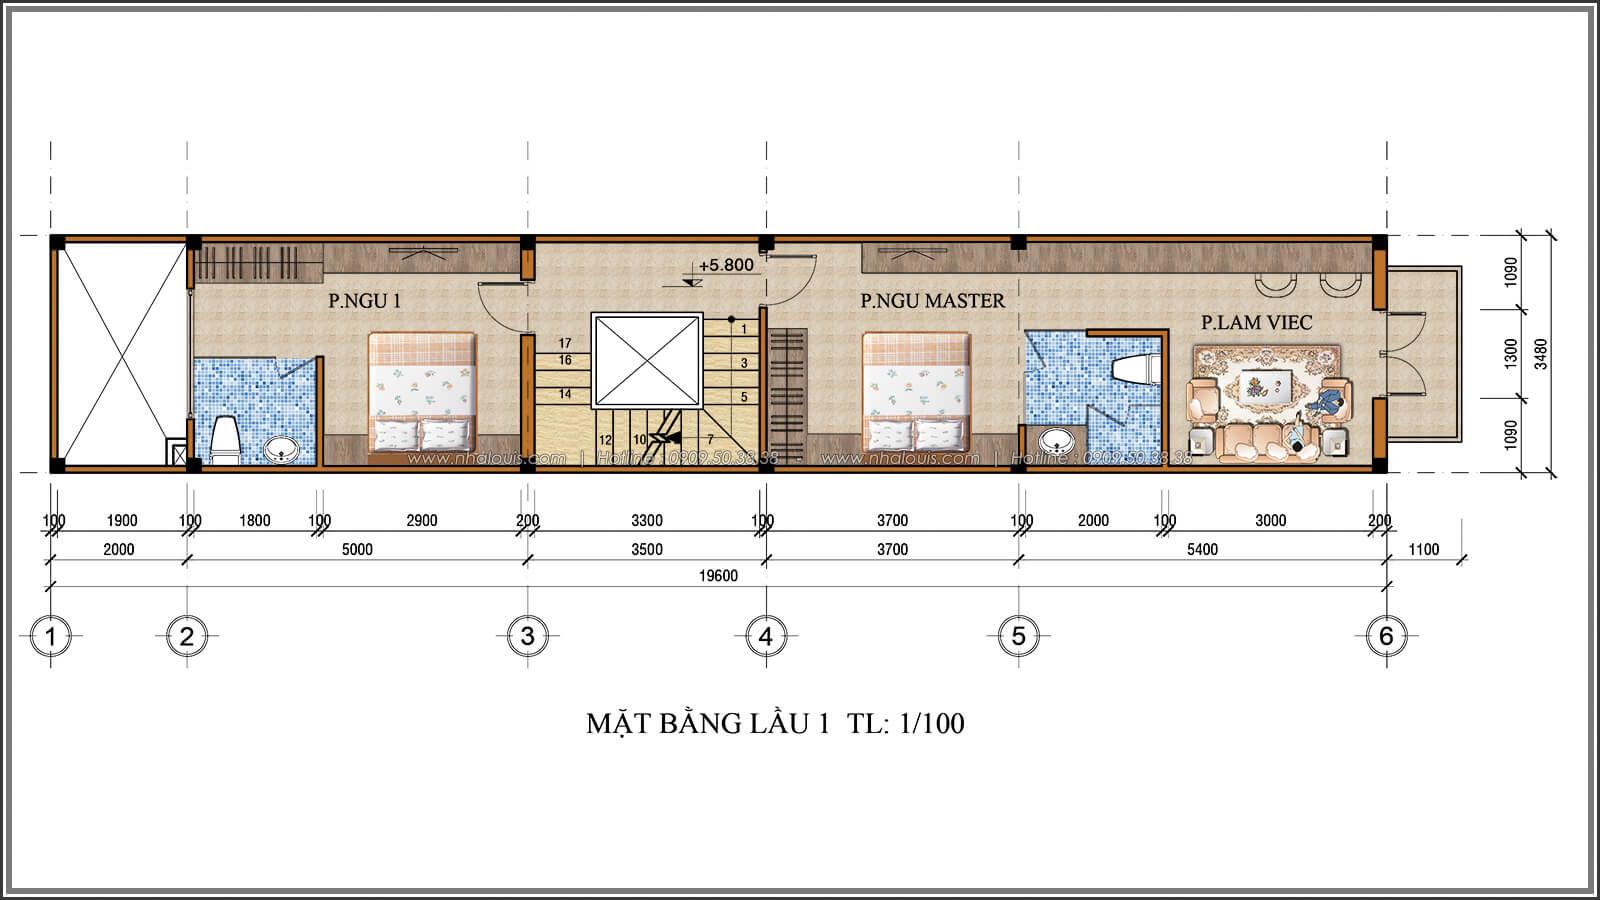 Mặt bằng lầu 1 Xiêu lòng với thiết kế nhà ống cổ điển đẹp cổ điển nhỏ mà chất tại Quận 3 - 05